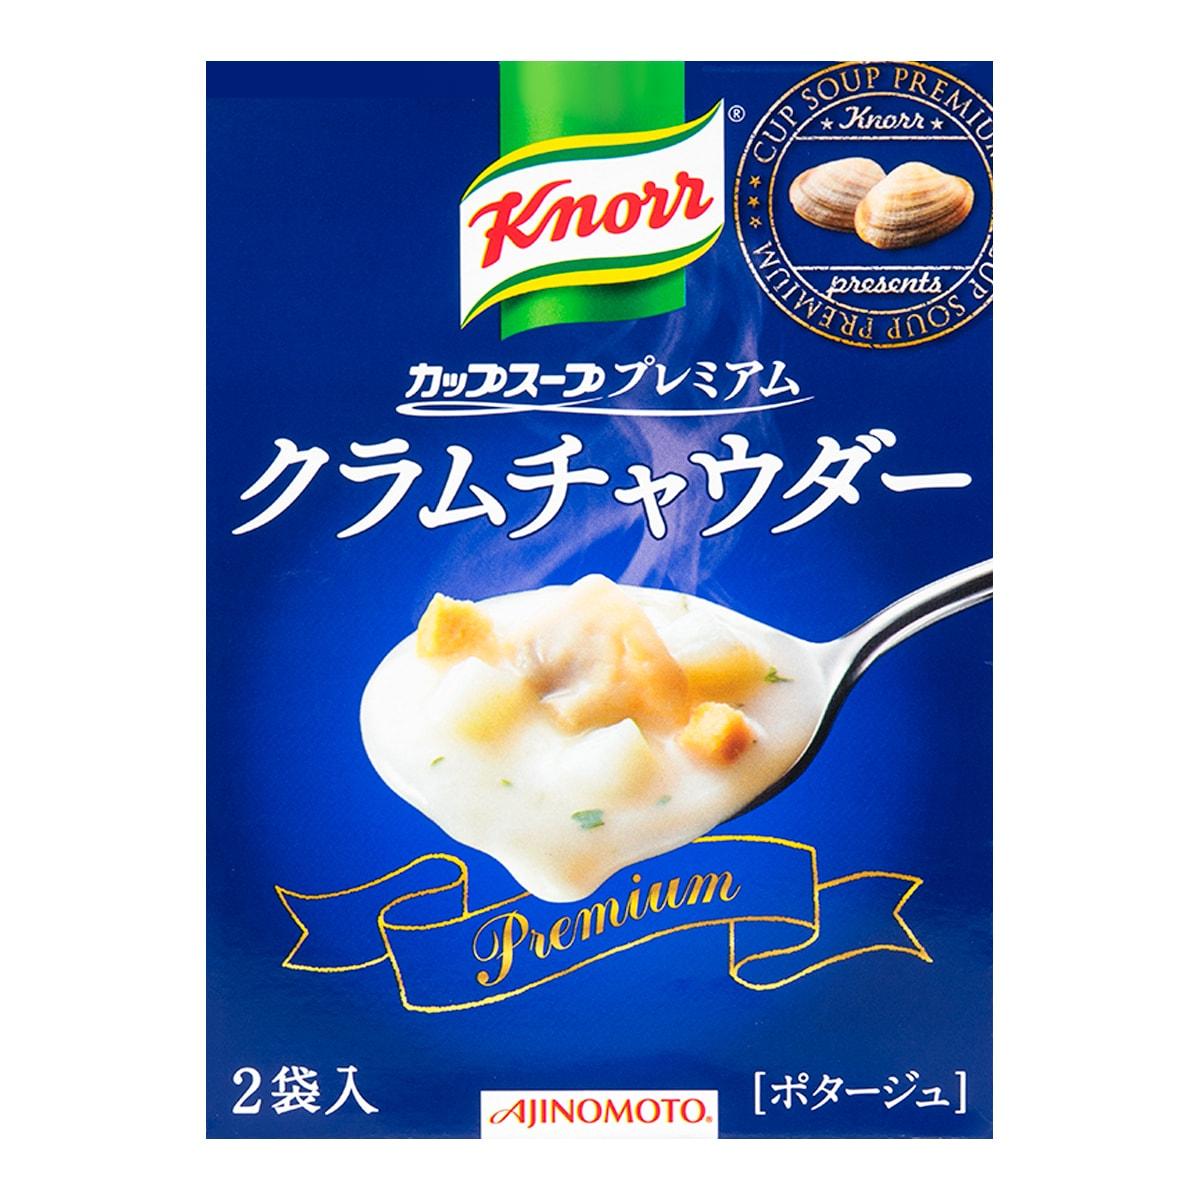 日本AJINOMOTO 蛤蜊土豆浓汤 2袋入 43.6g